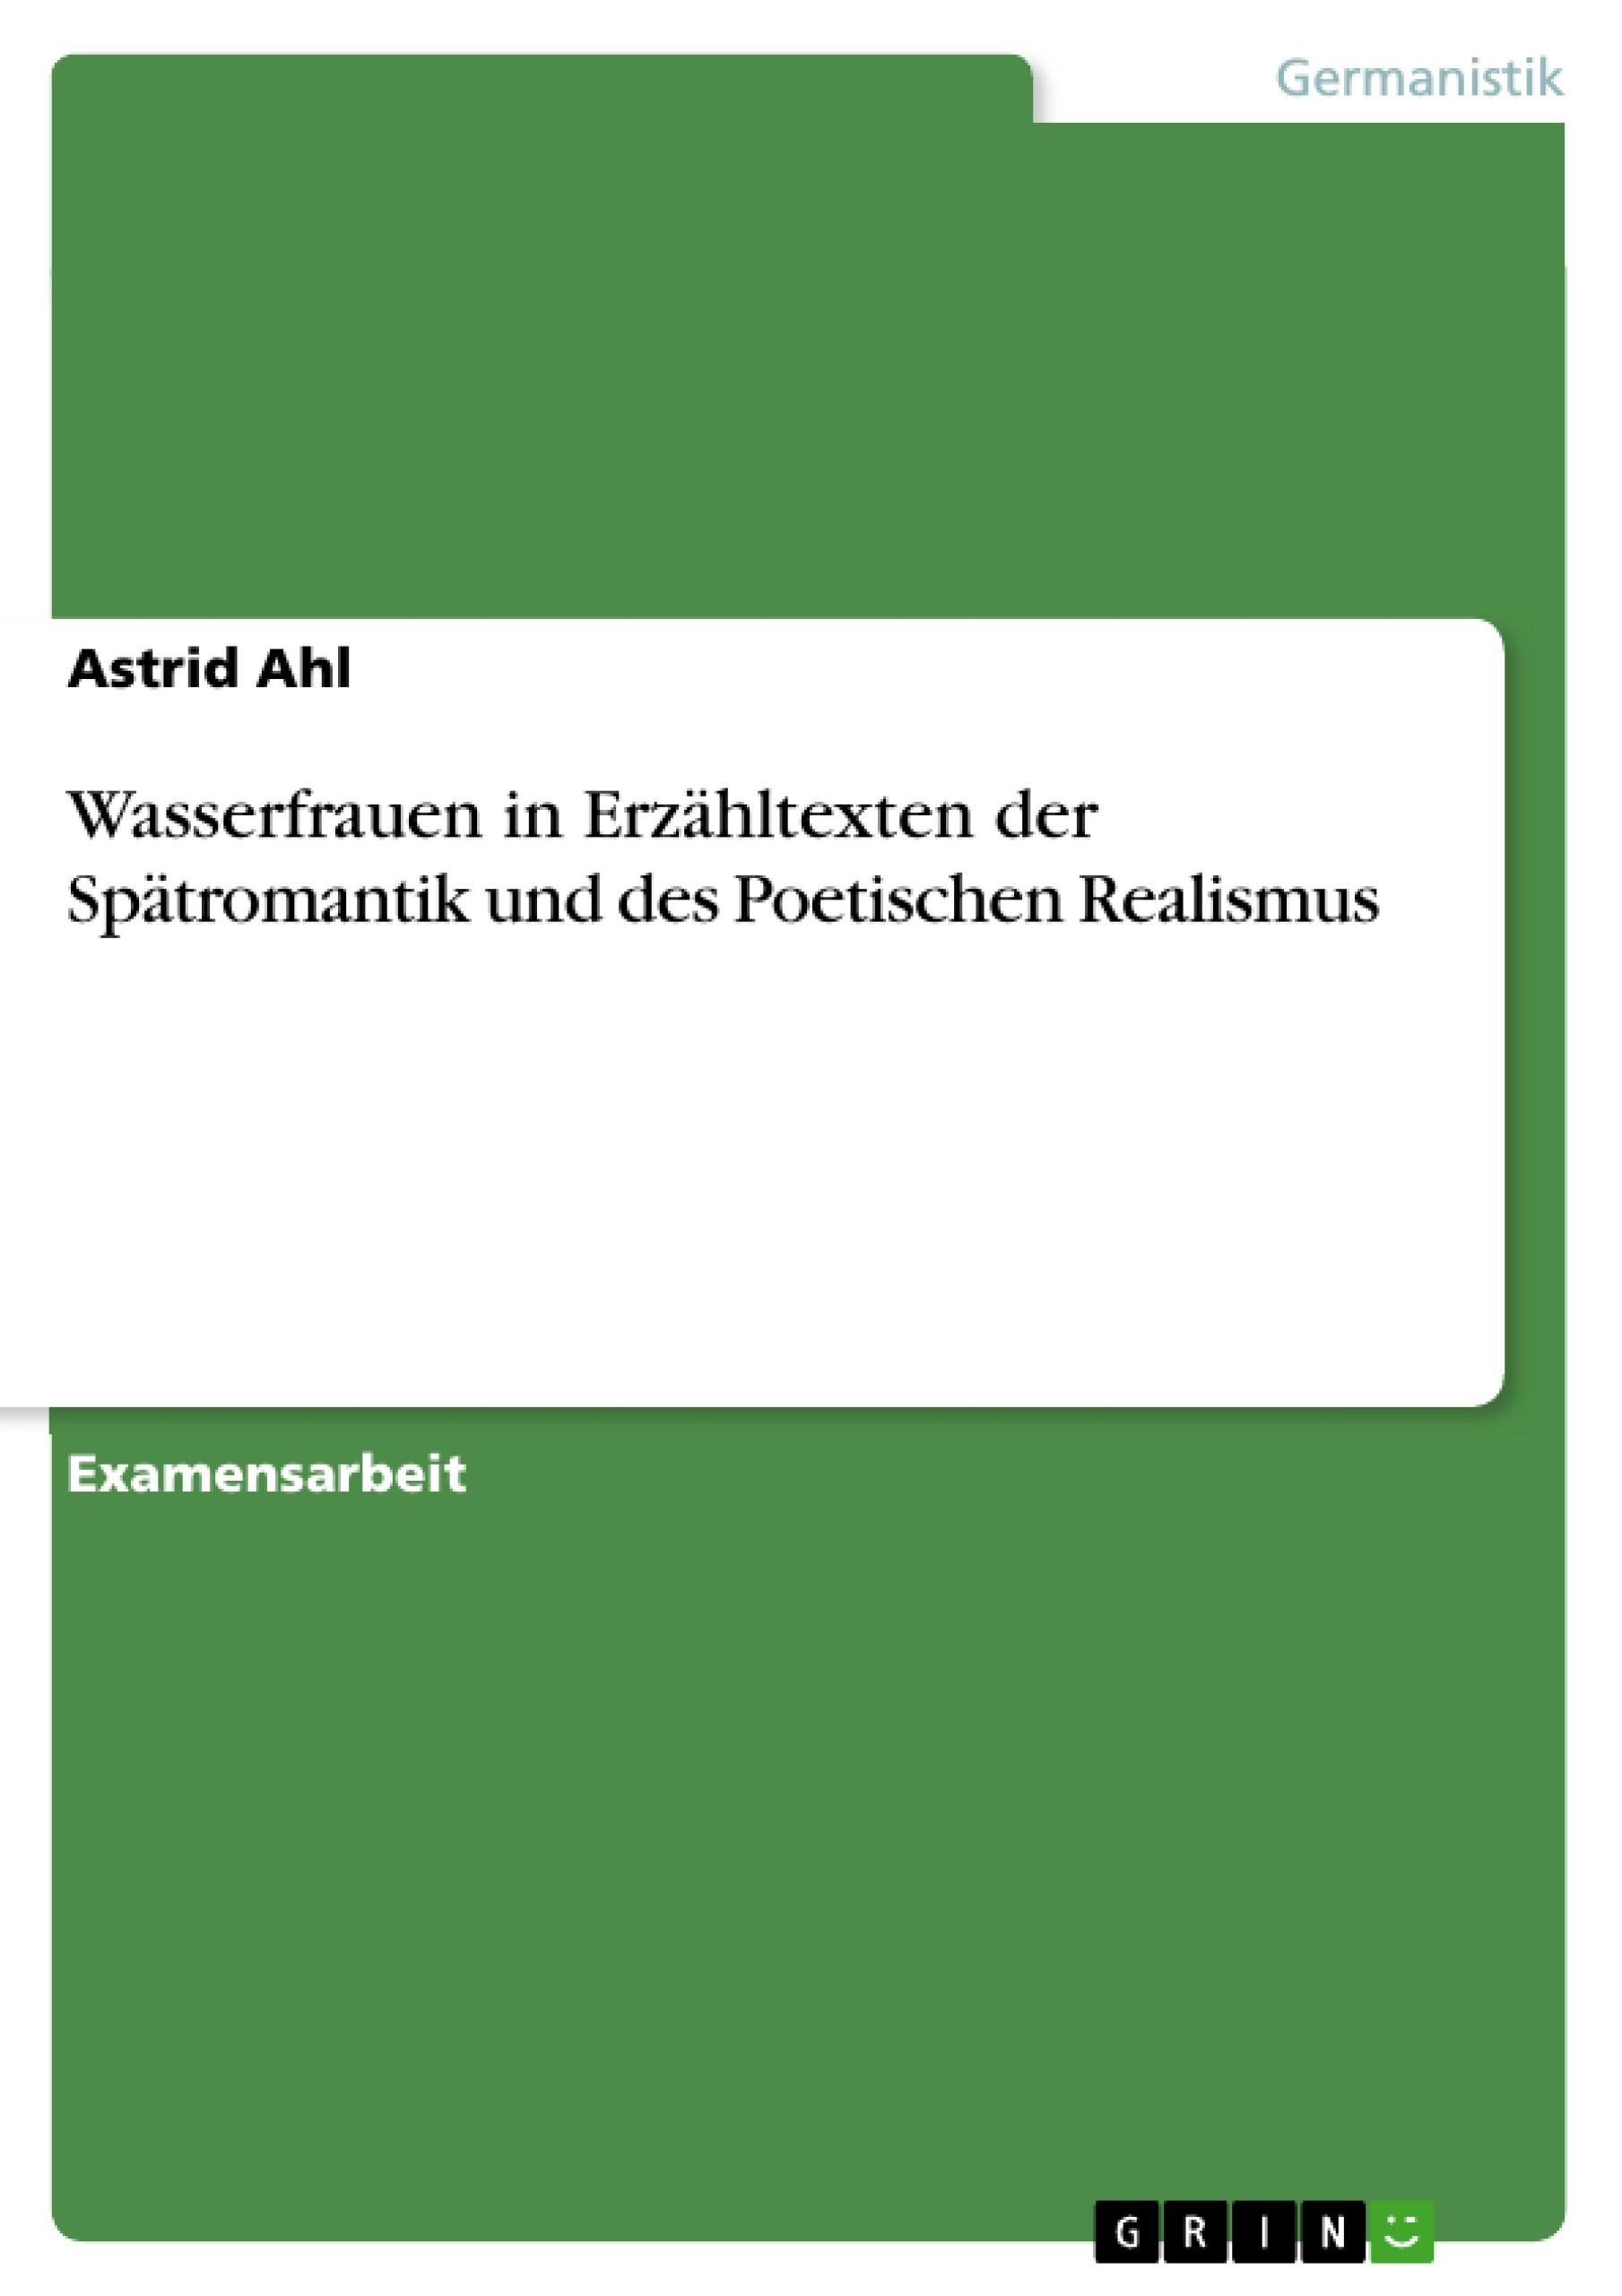 Titel: Wasserfrauen in Erzähltexten der Spätromantik und des Poetischen Realismus